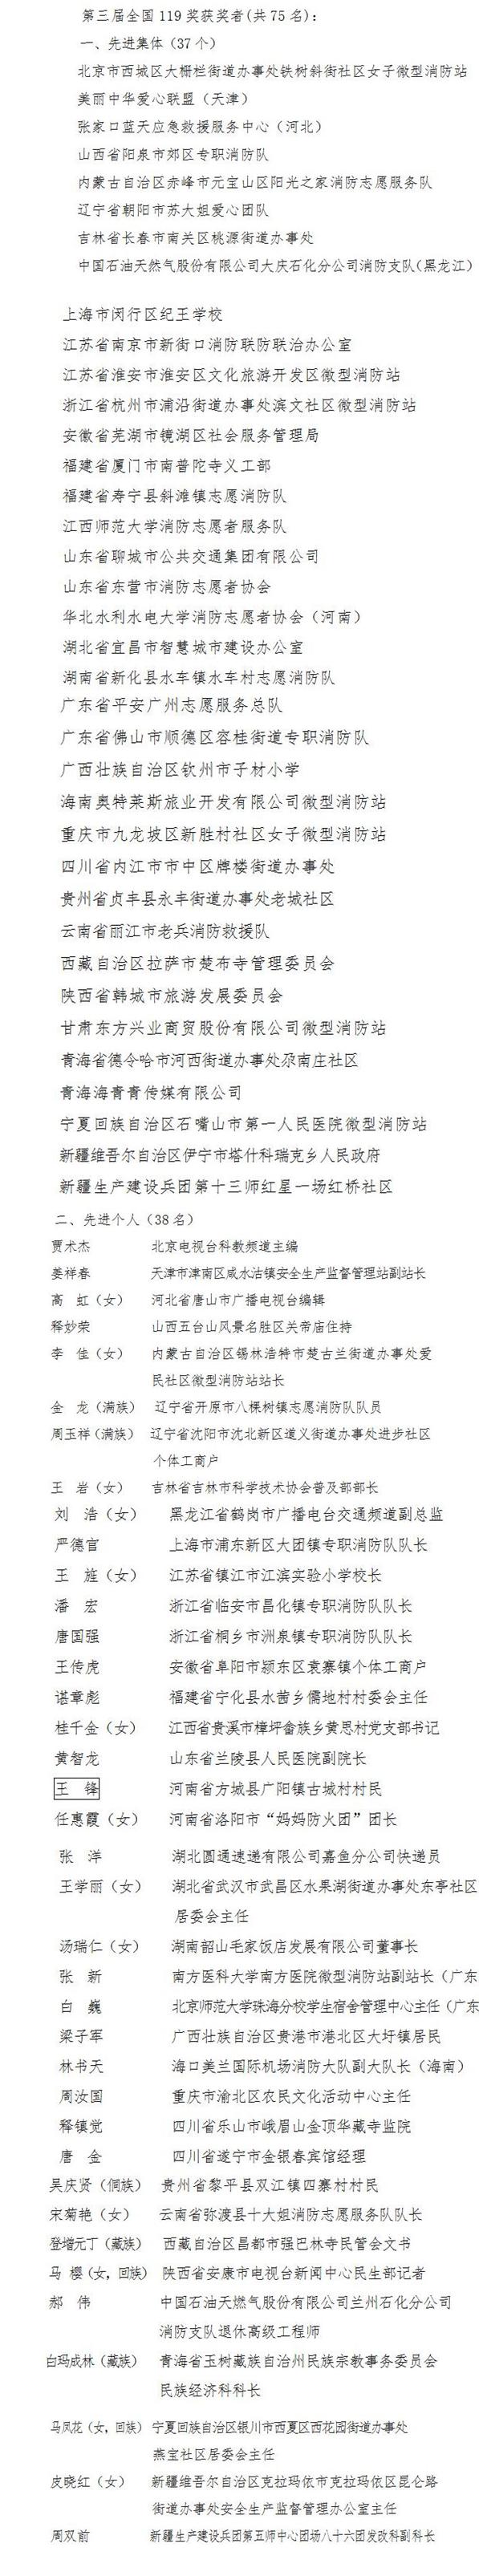 """2016第三届全国""""119消防奖""""评选结果及获奖名单"""